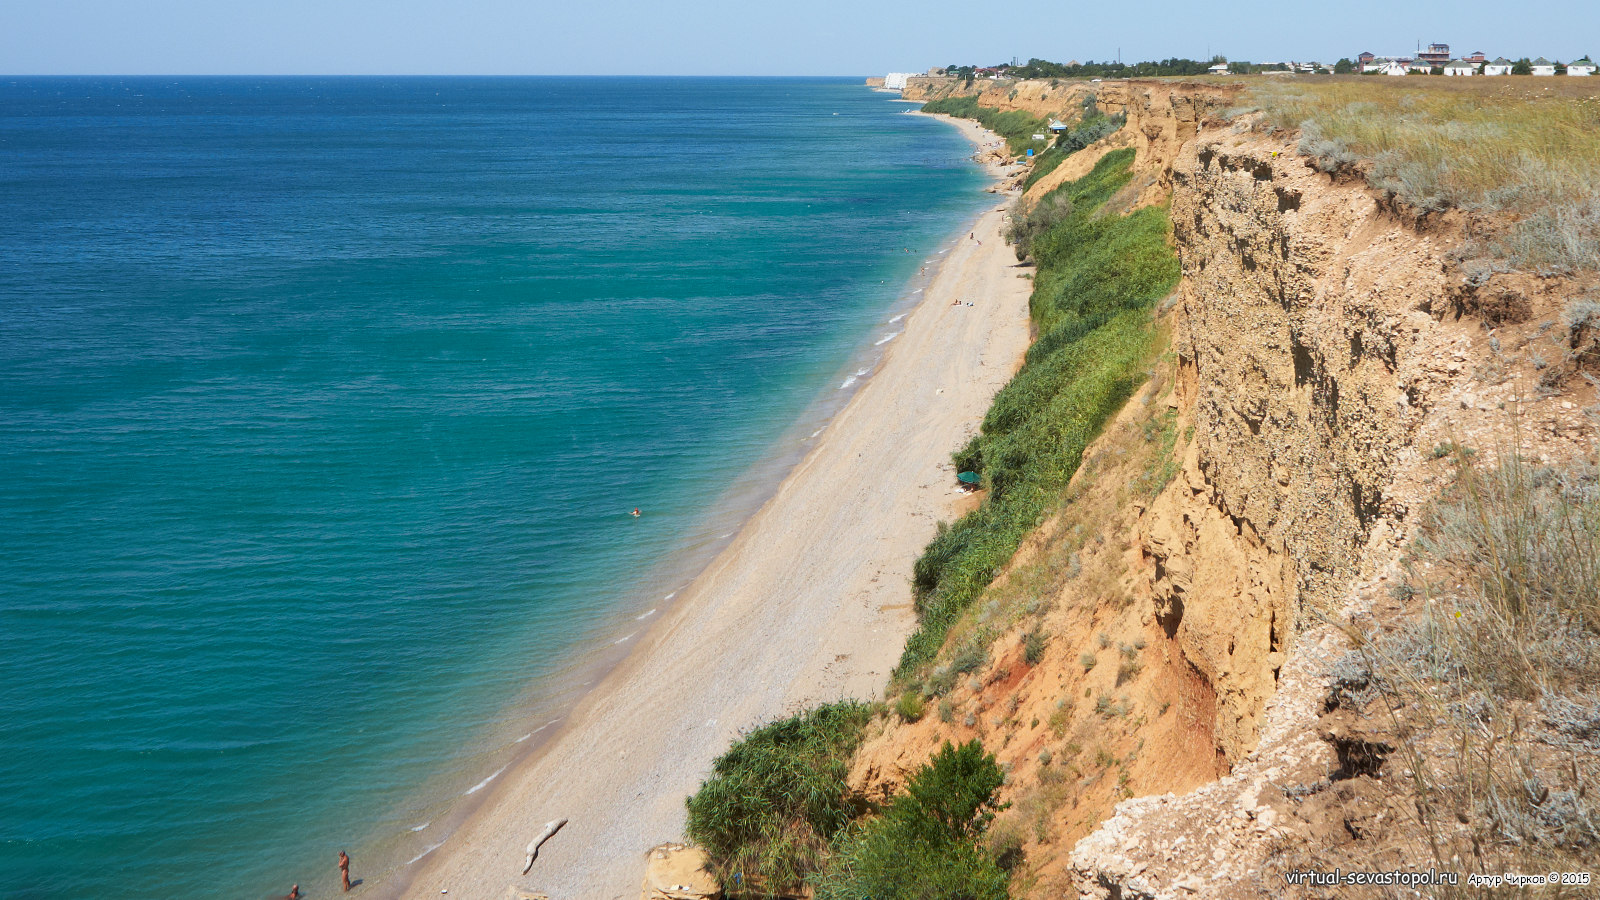 Кача пляжа крым 97